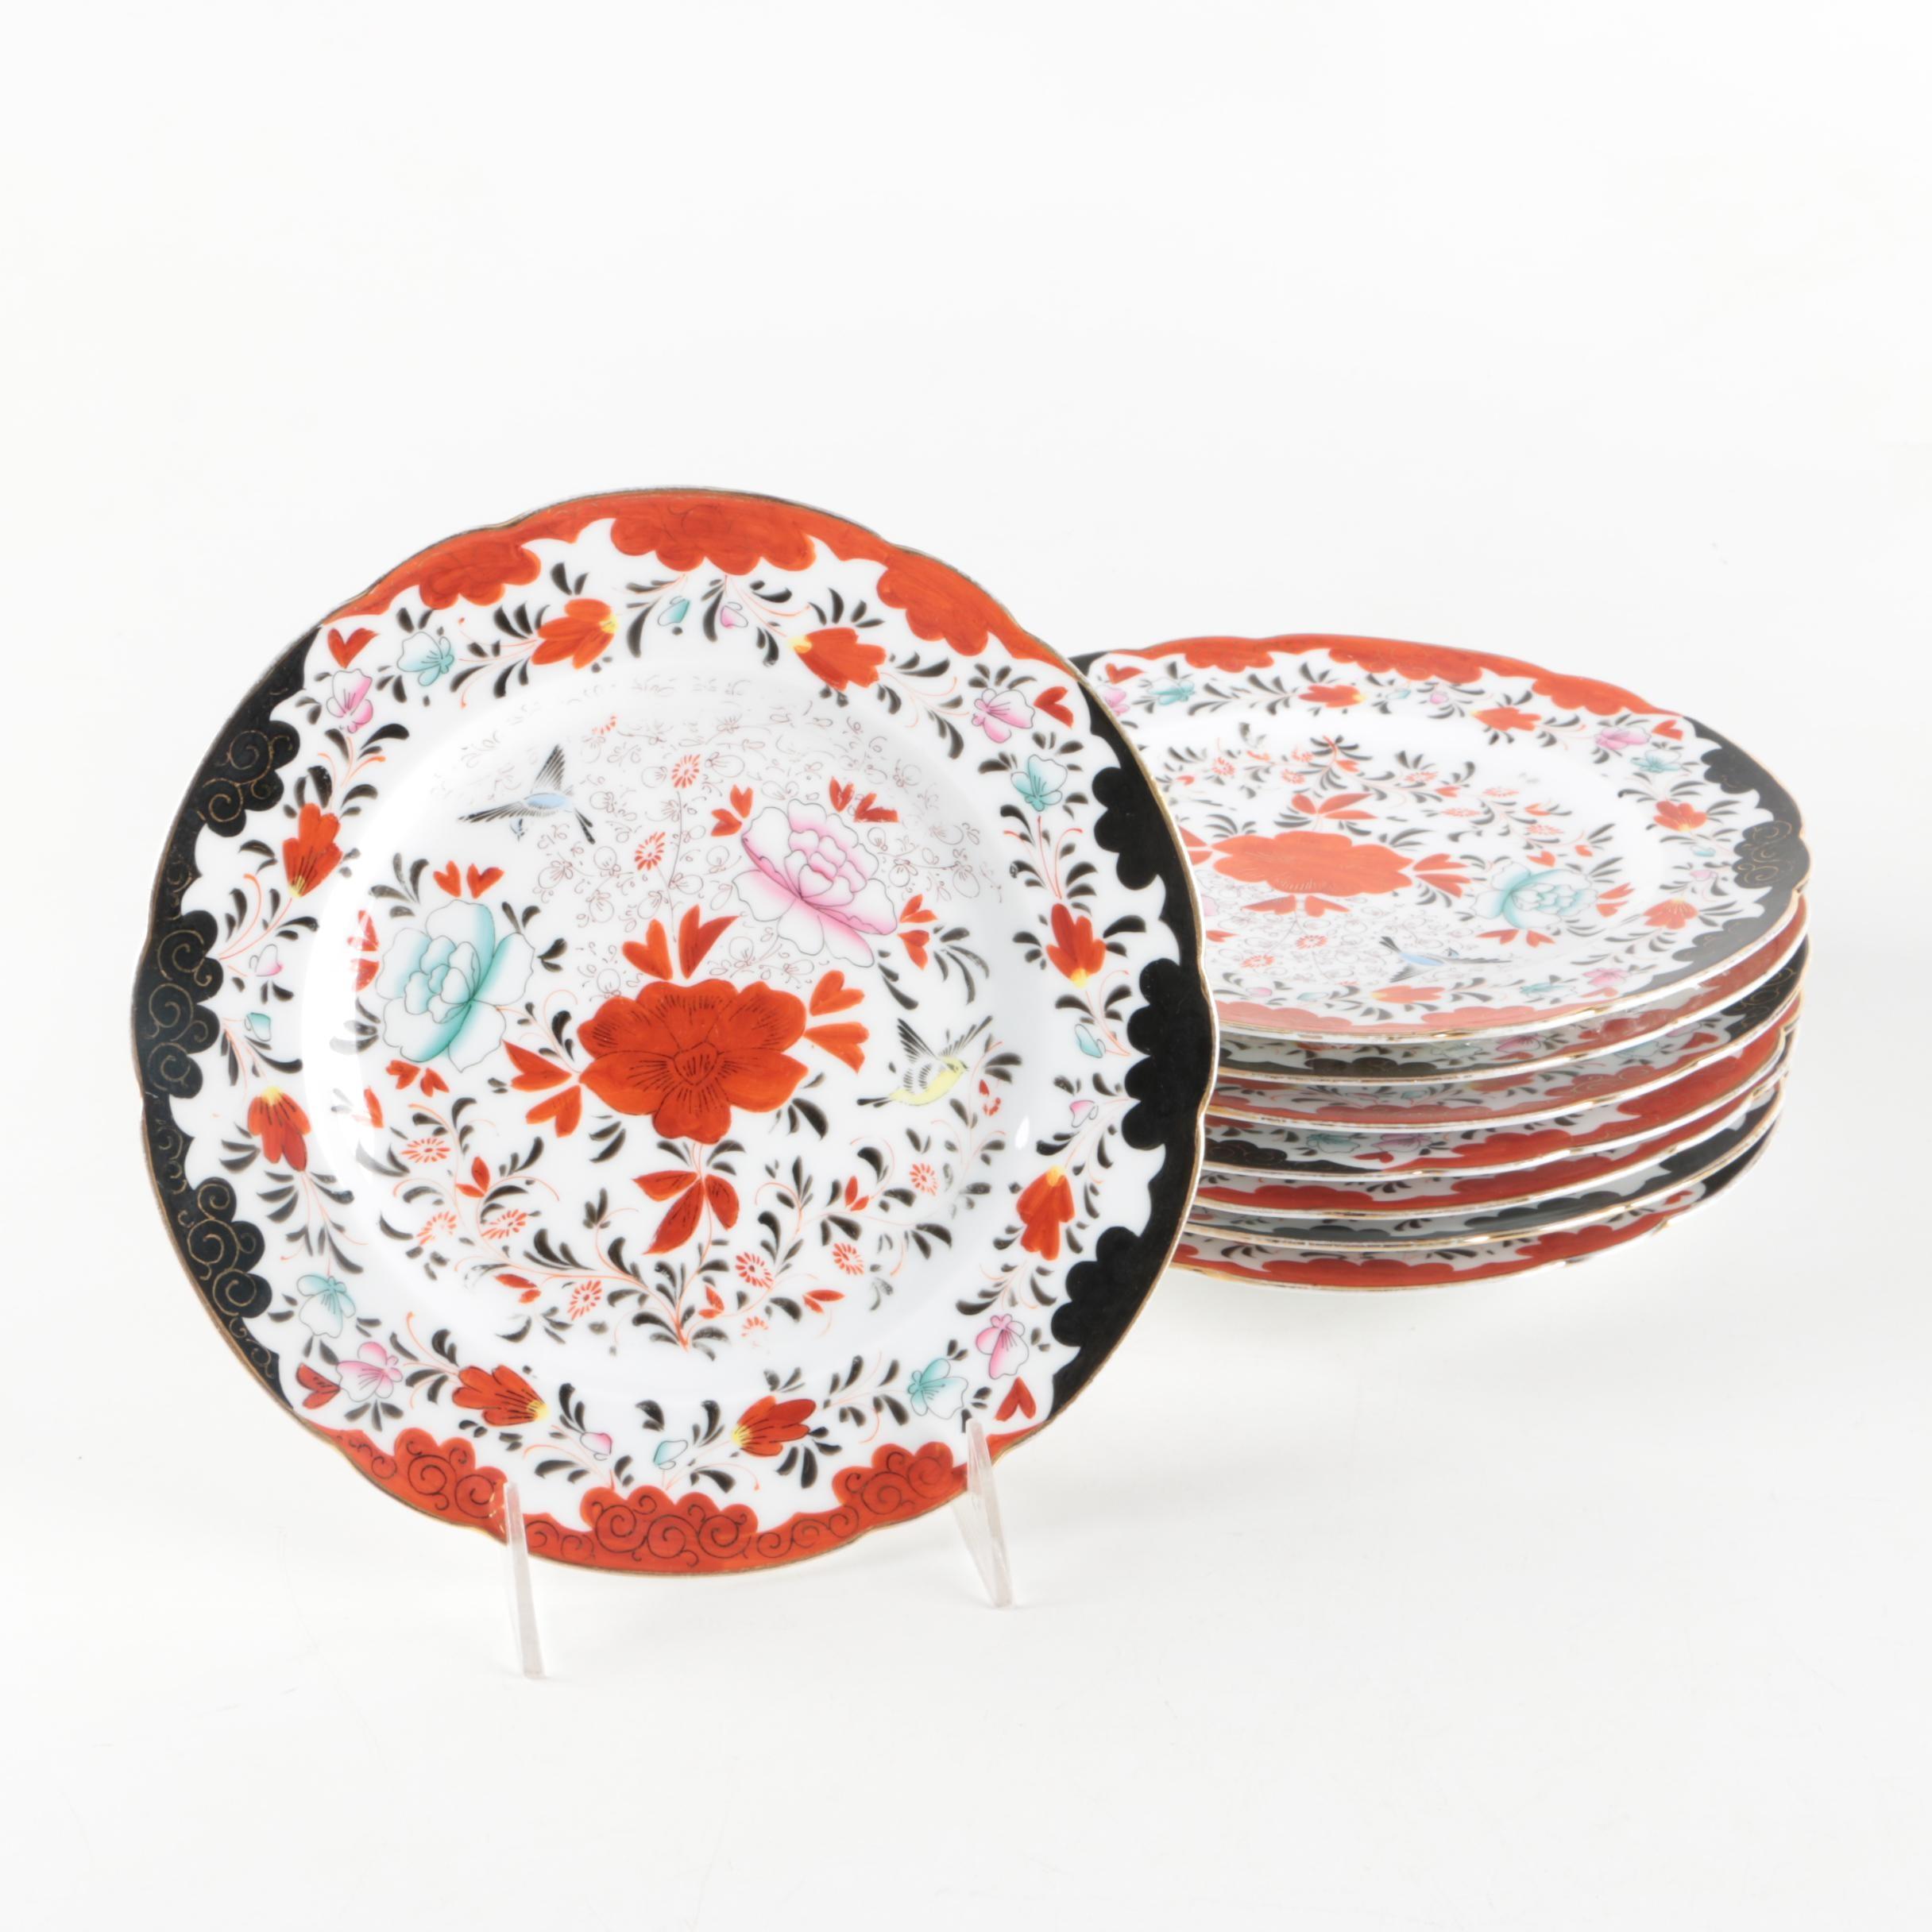 Imari Style Patterned Porcelain Plates